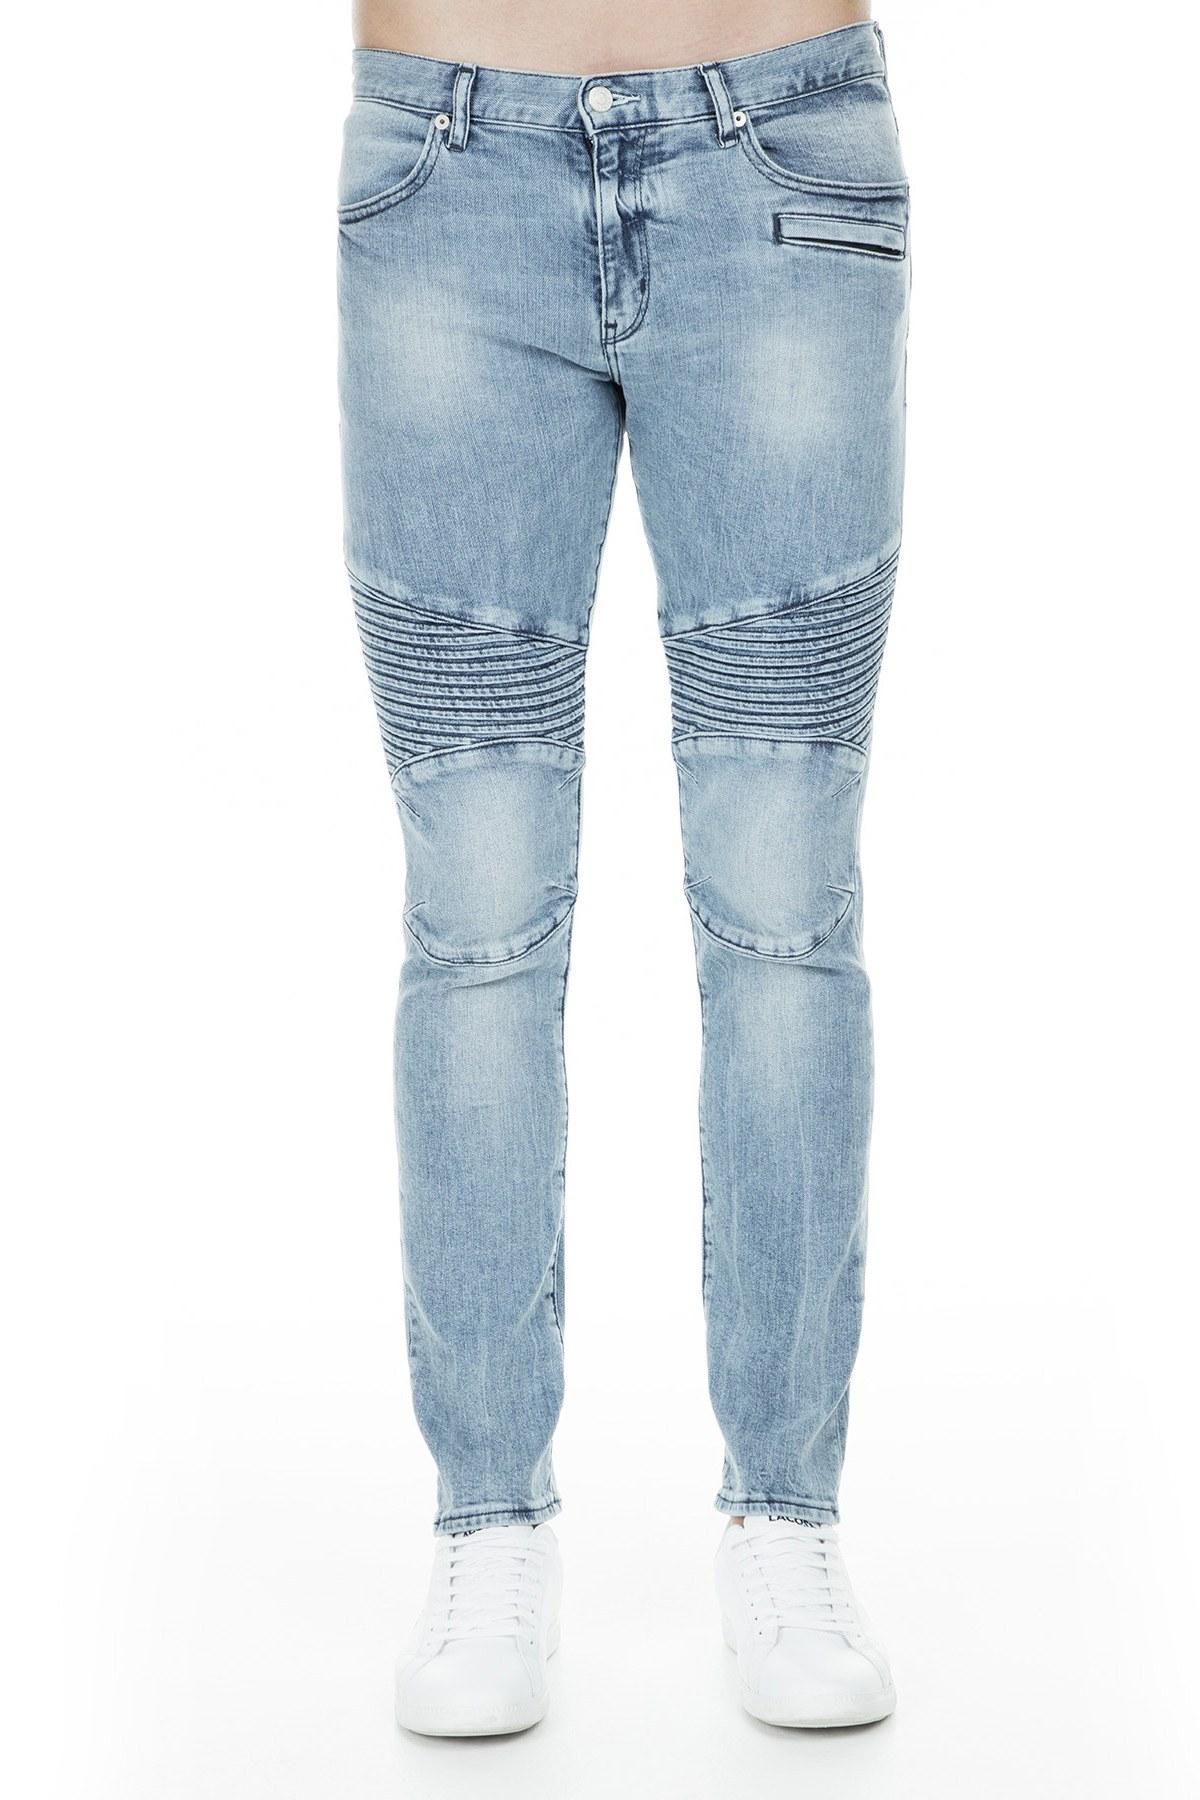 Armani Exchange J27 Jeans Erkek Kot Pantolon 3GZJ27 Z1RAZ 1500 AÇIK MAVİ